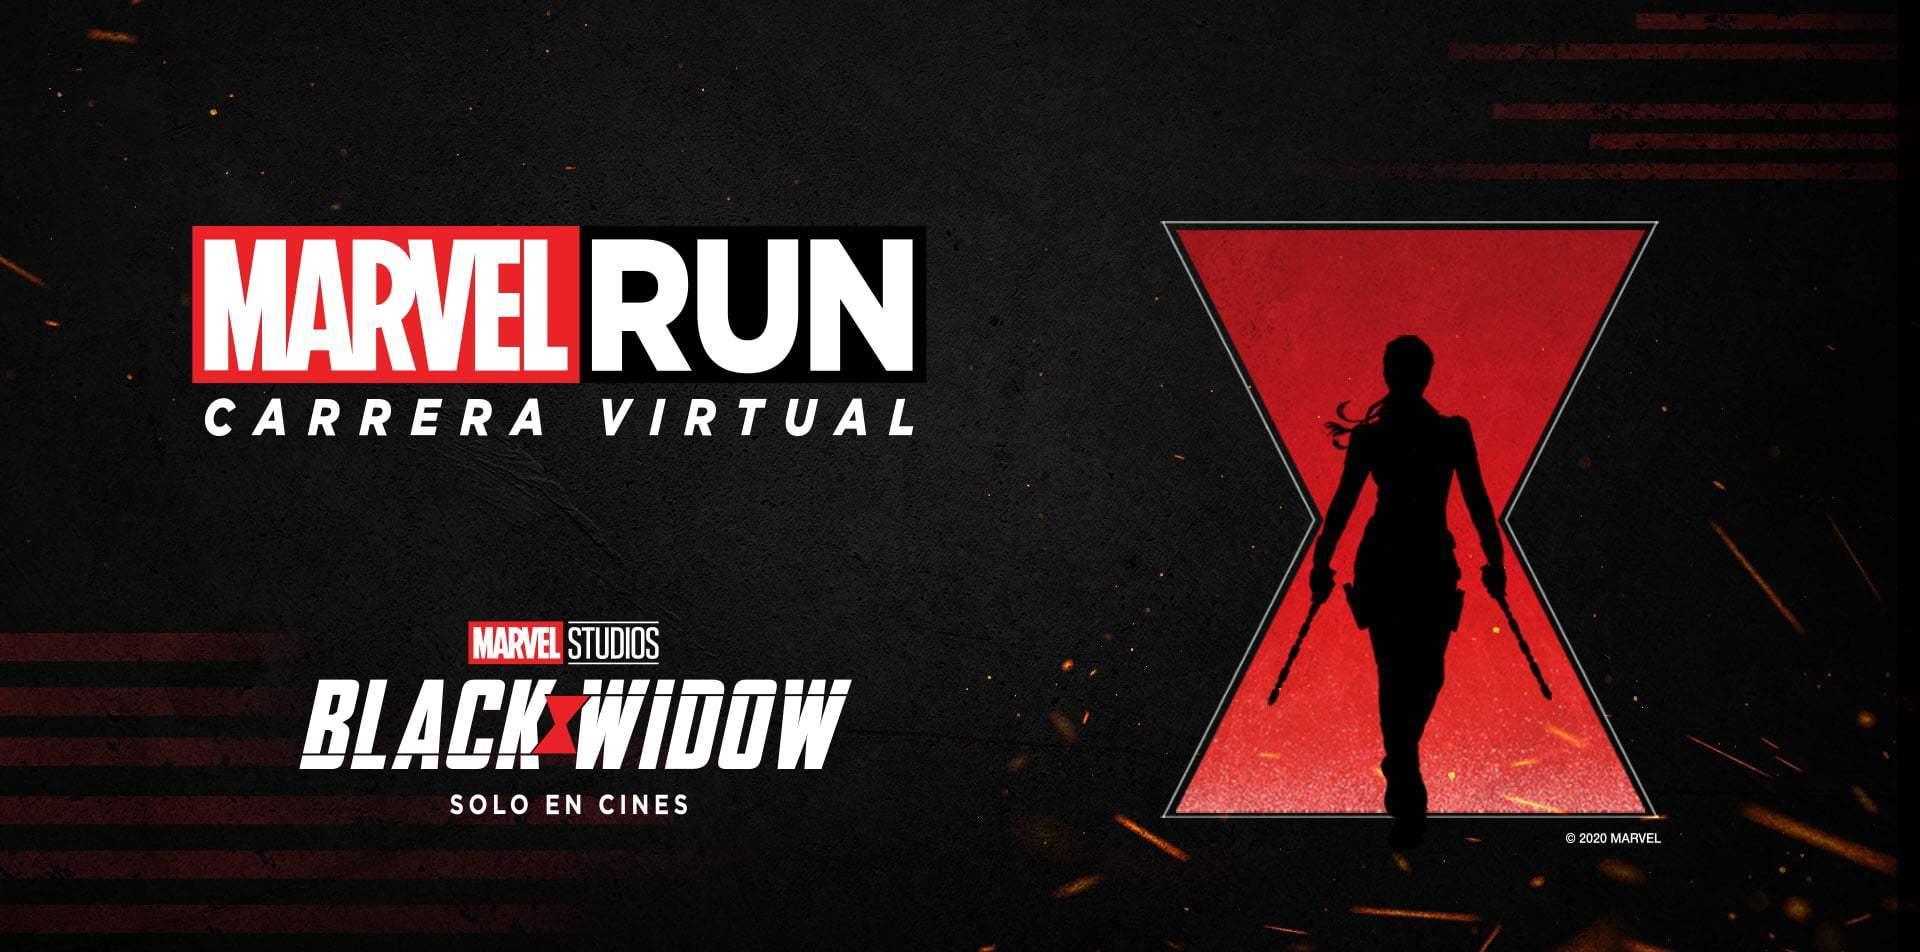 #MarvelRunBlackWidow Ya están abiertas las inscripciones para Marvel Run